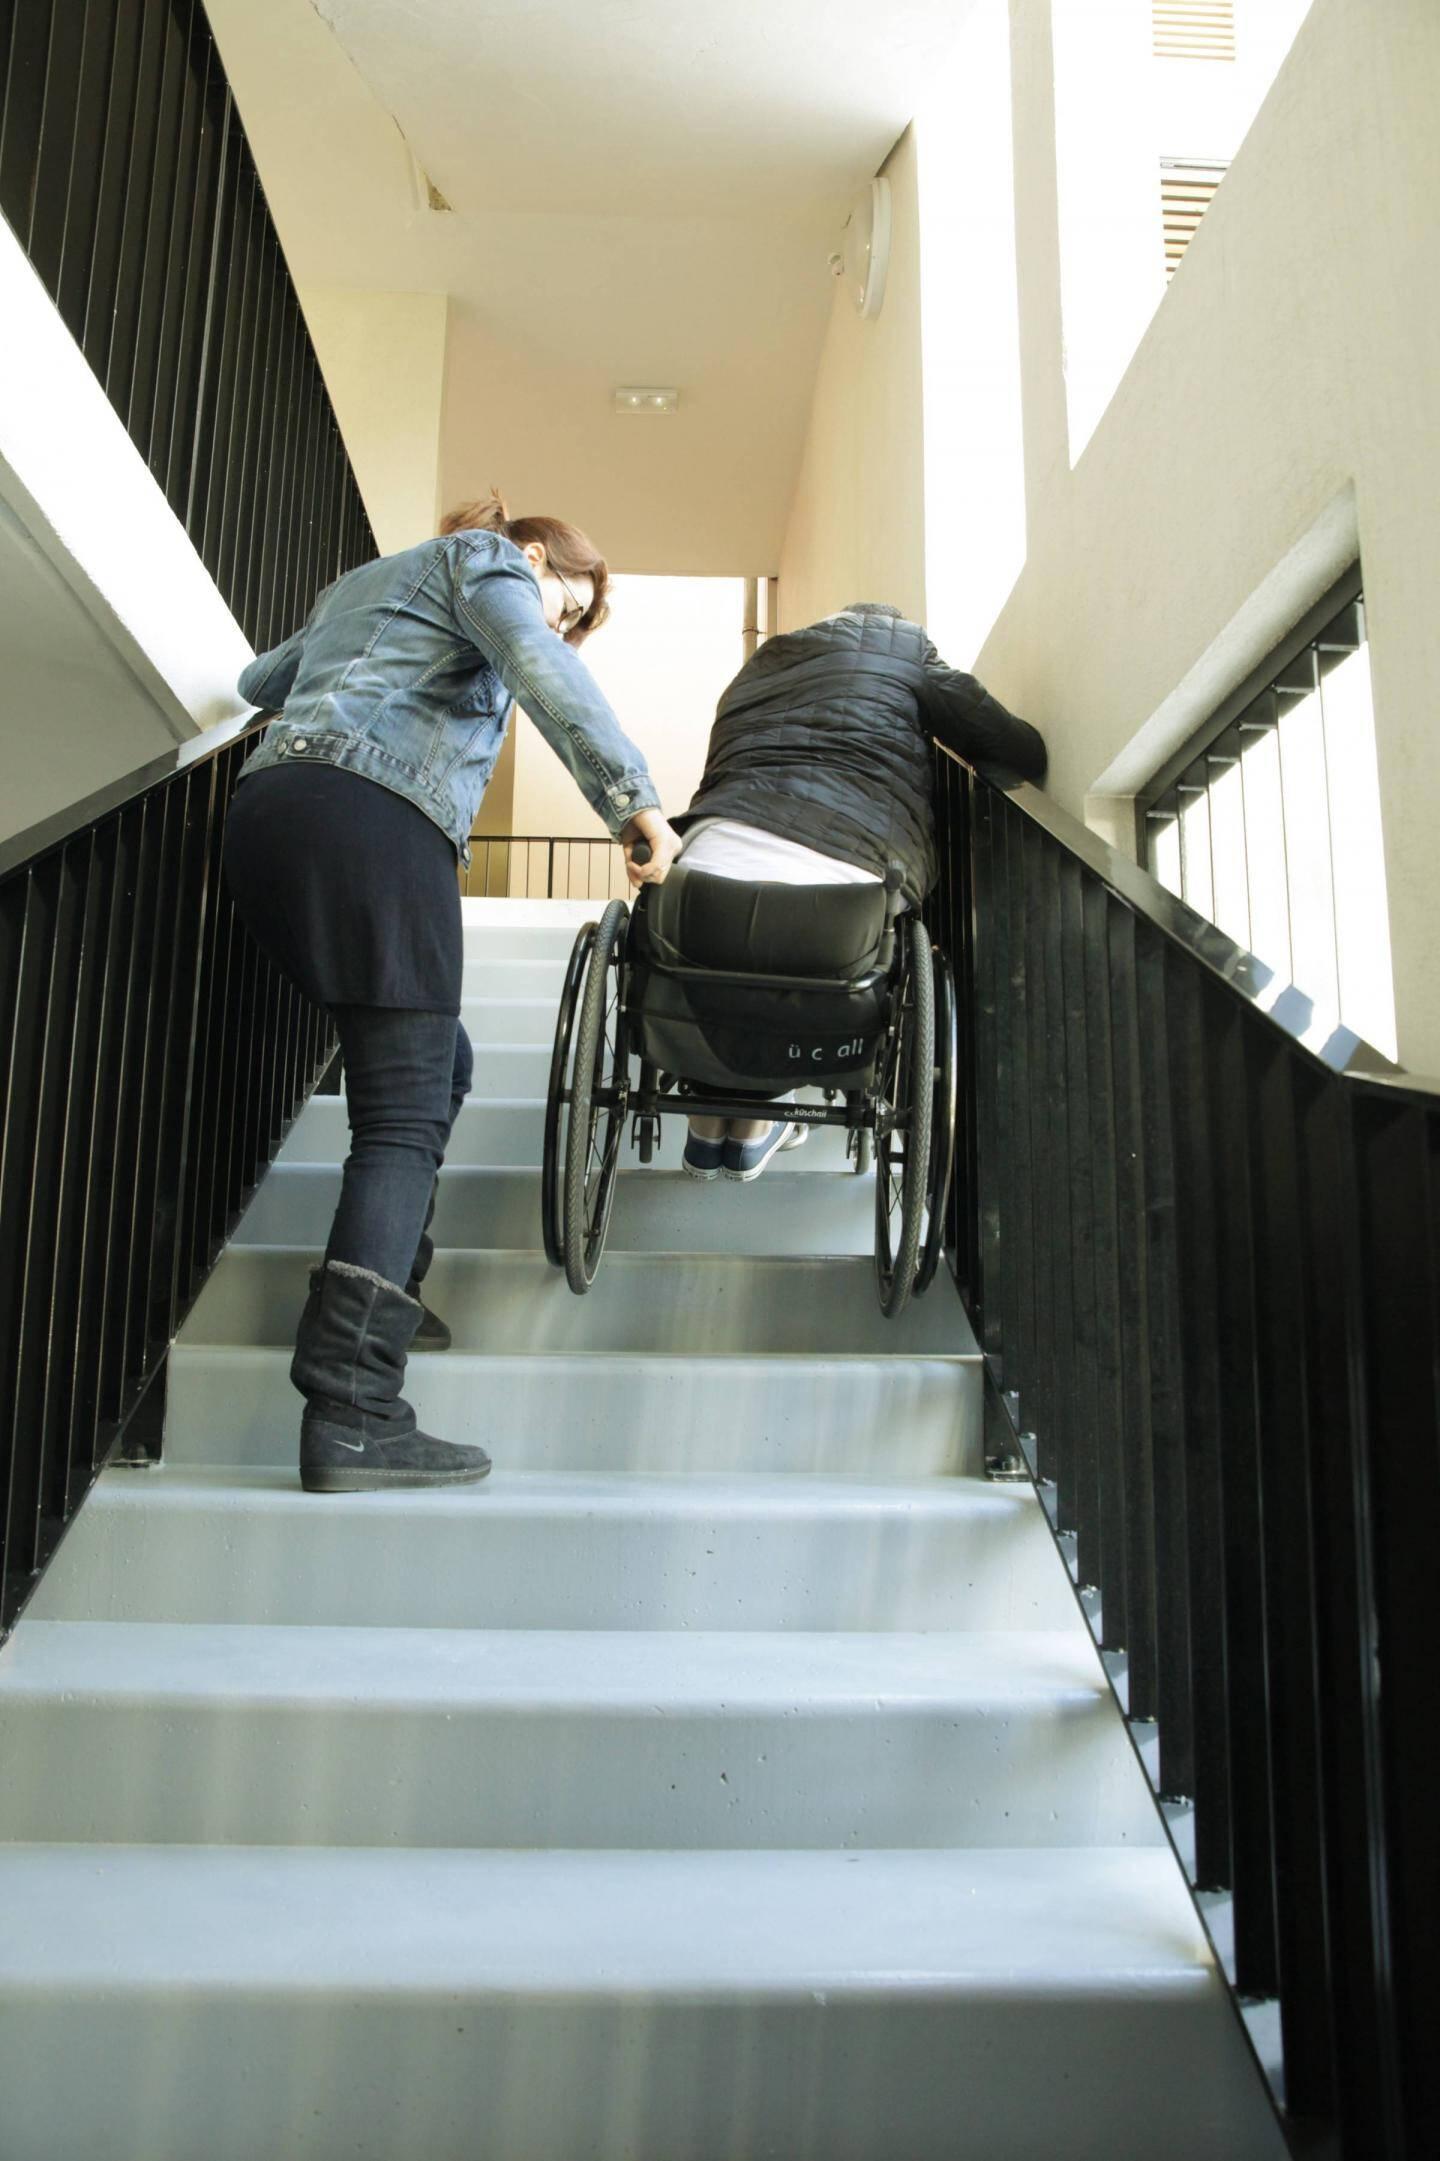 Lorsque l'ascenseur a été en panne, l'un des locataires, handicapé, a dû descendre les escaliers, à la force des bras.